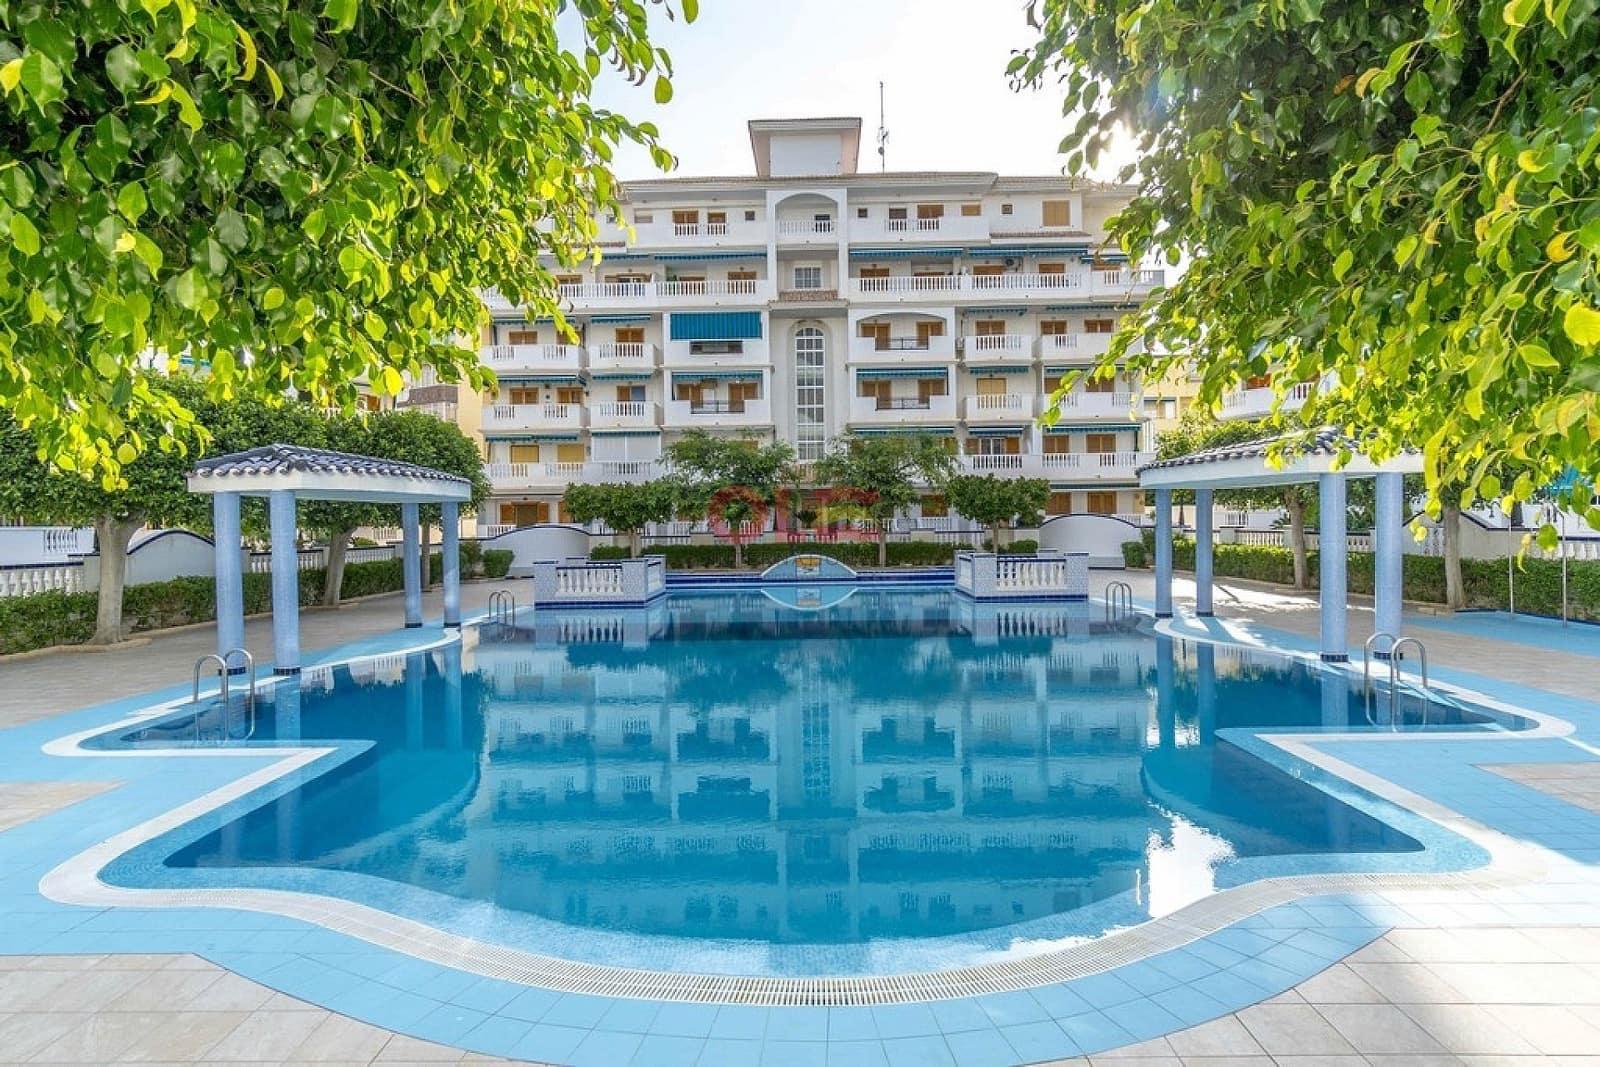 2 bedroom Apartment for sale in La Mata - € 116,000 (Ref: 5235112)